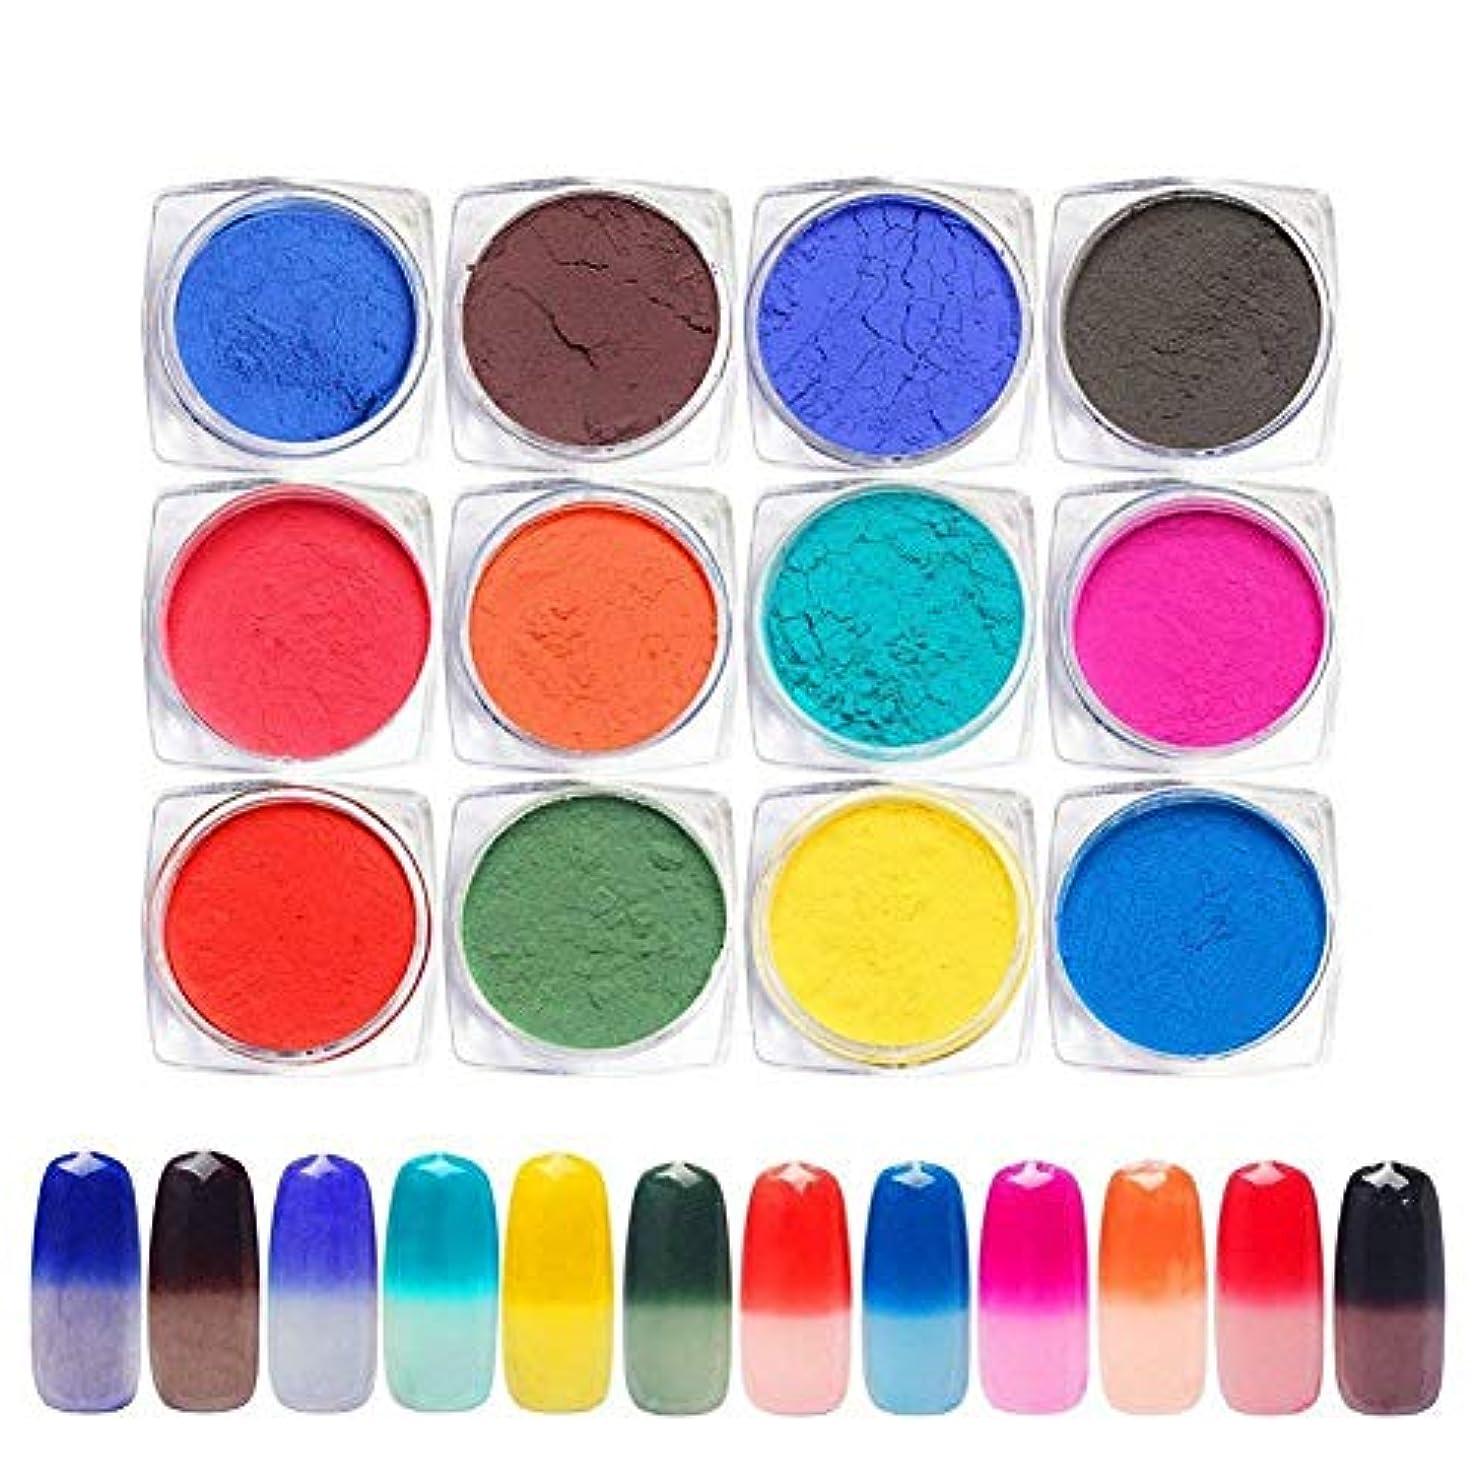 懐疑的形式不正直12色セット 温度によって色が変わるパウダー 変色ネイルパウダー ネイルパーツ ジェルネイル ネイルアート1g入り